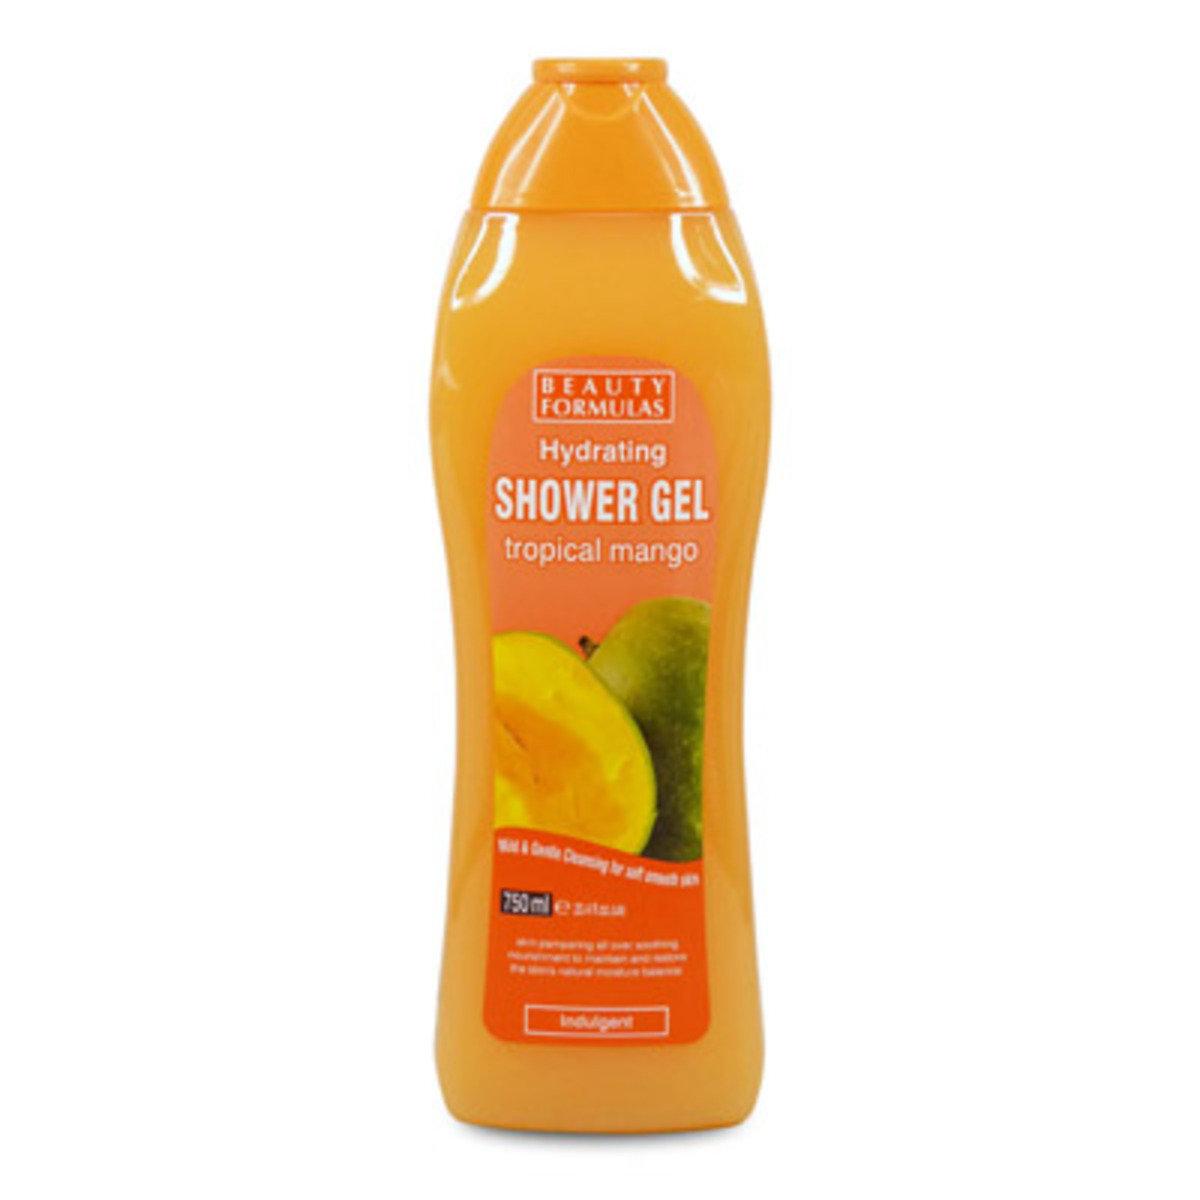 熱情芒果保濕沐浴露